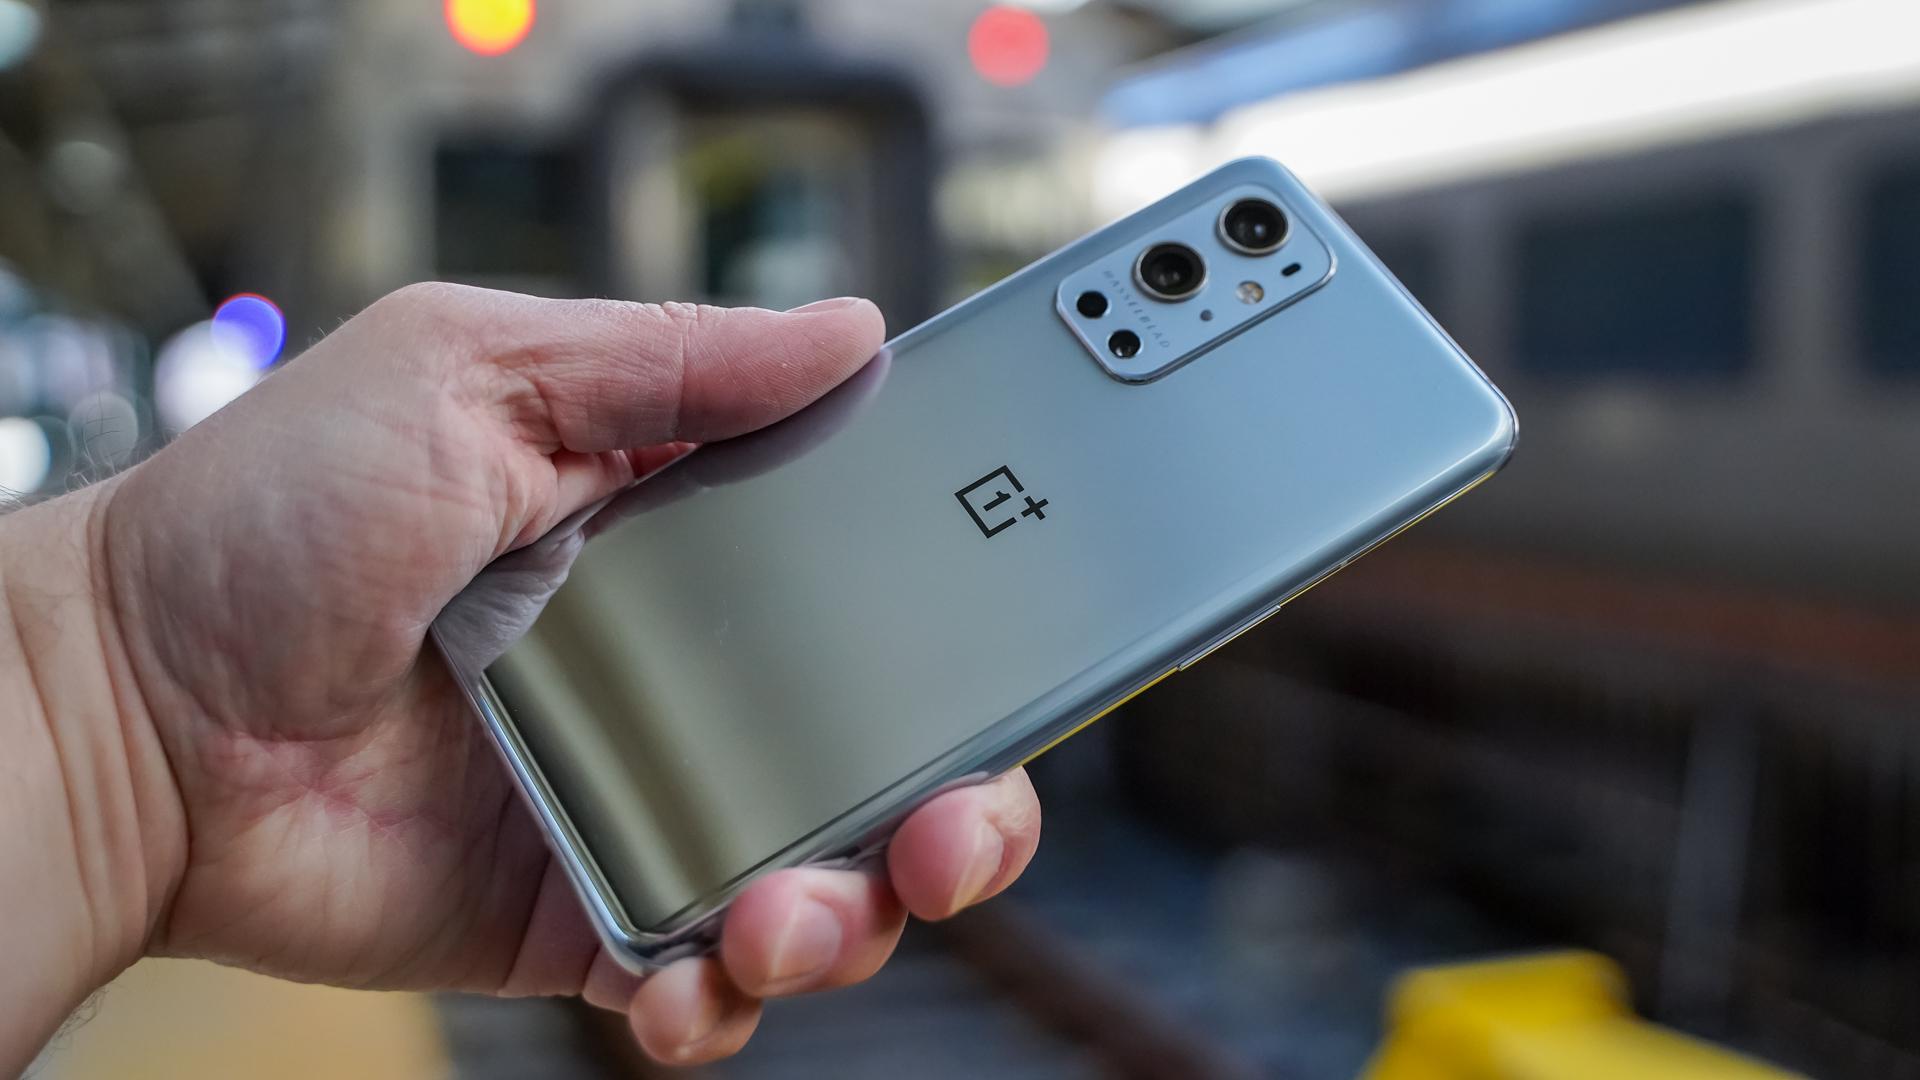 هواتف OnePlus 9 و9 Pro تحصل على البيتا الأولى من أندرويد 12